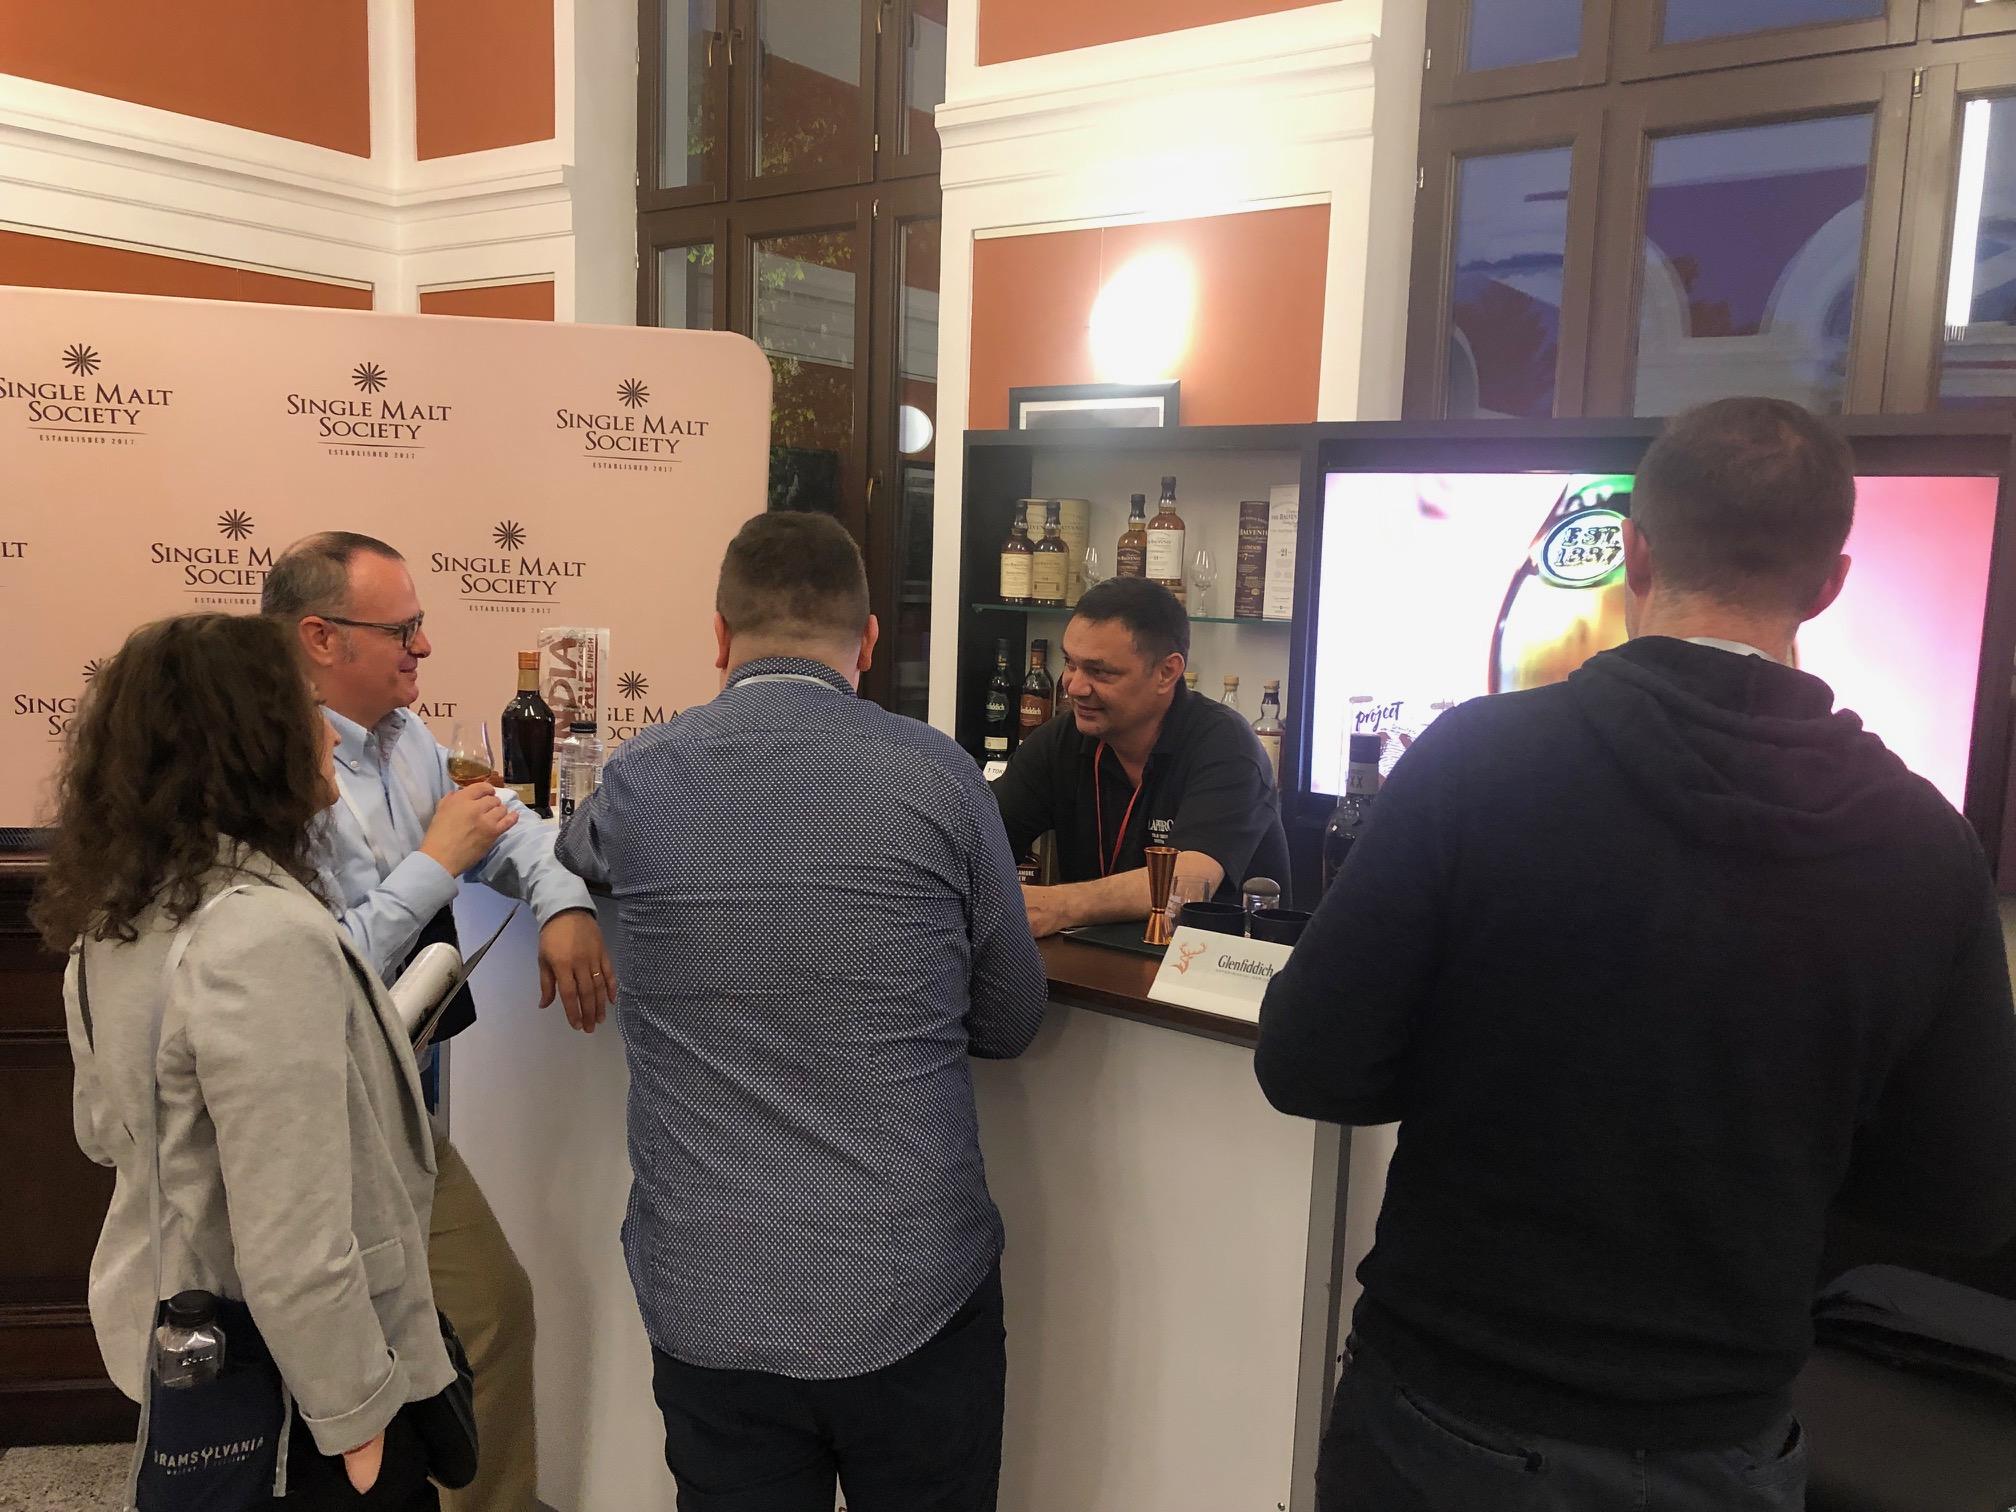 Iubitorii single malt-ului și-au dat întâlnire la Cluj, la cea de-a șasea ediție a Dramsylvania Whisky Festival.